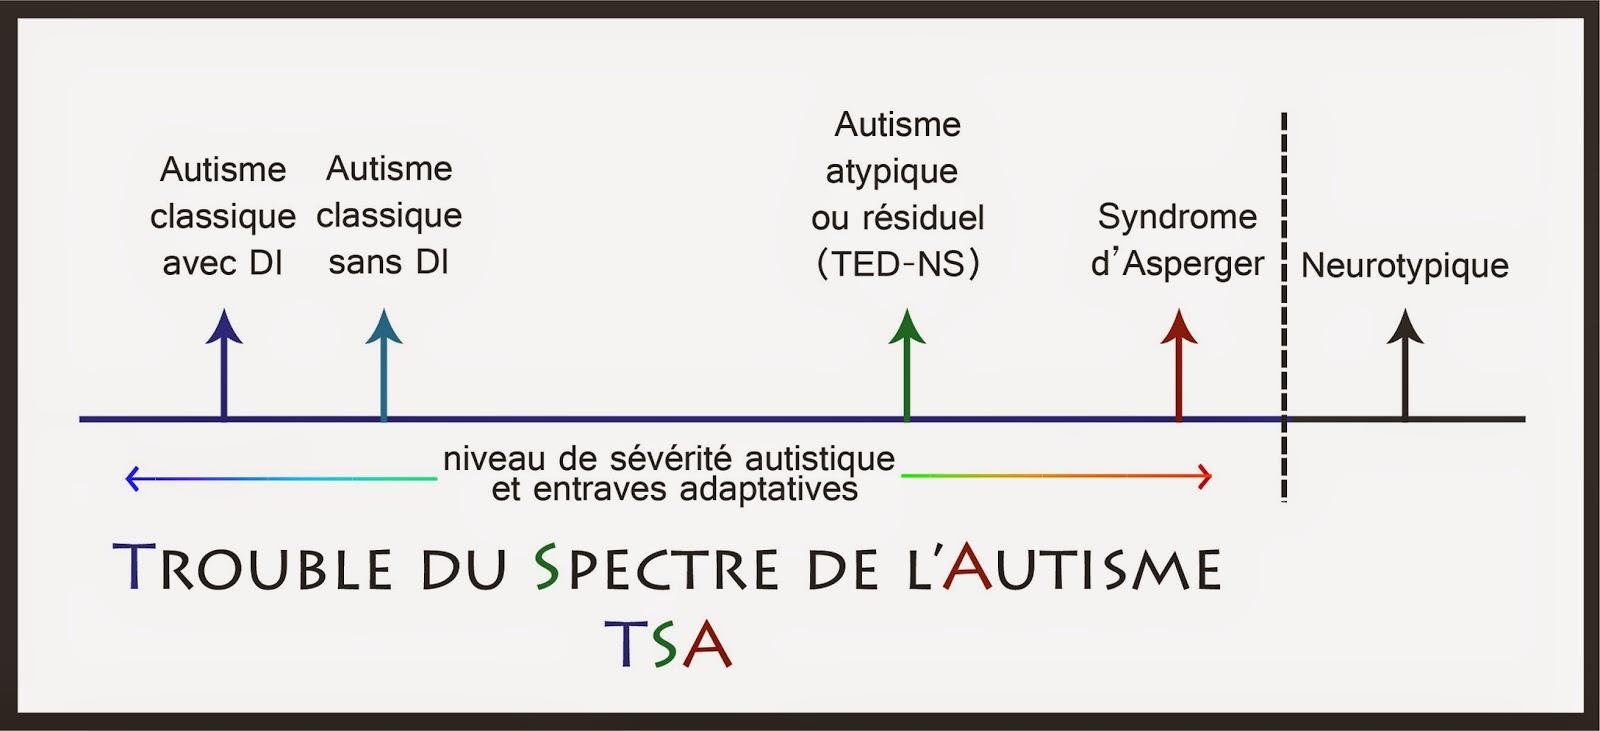 rencontre autiste